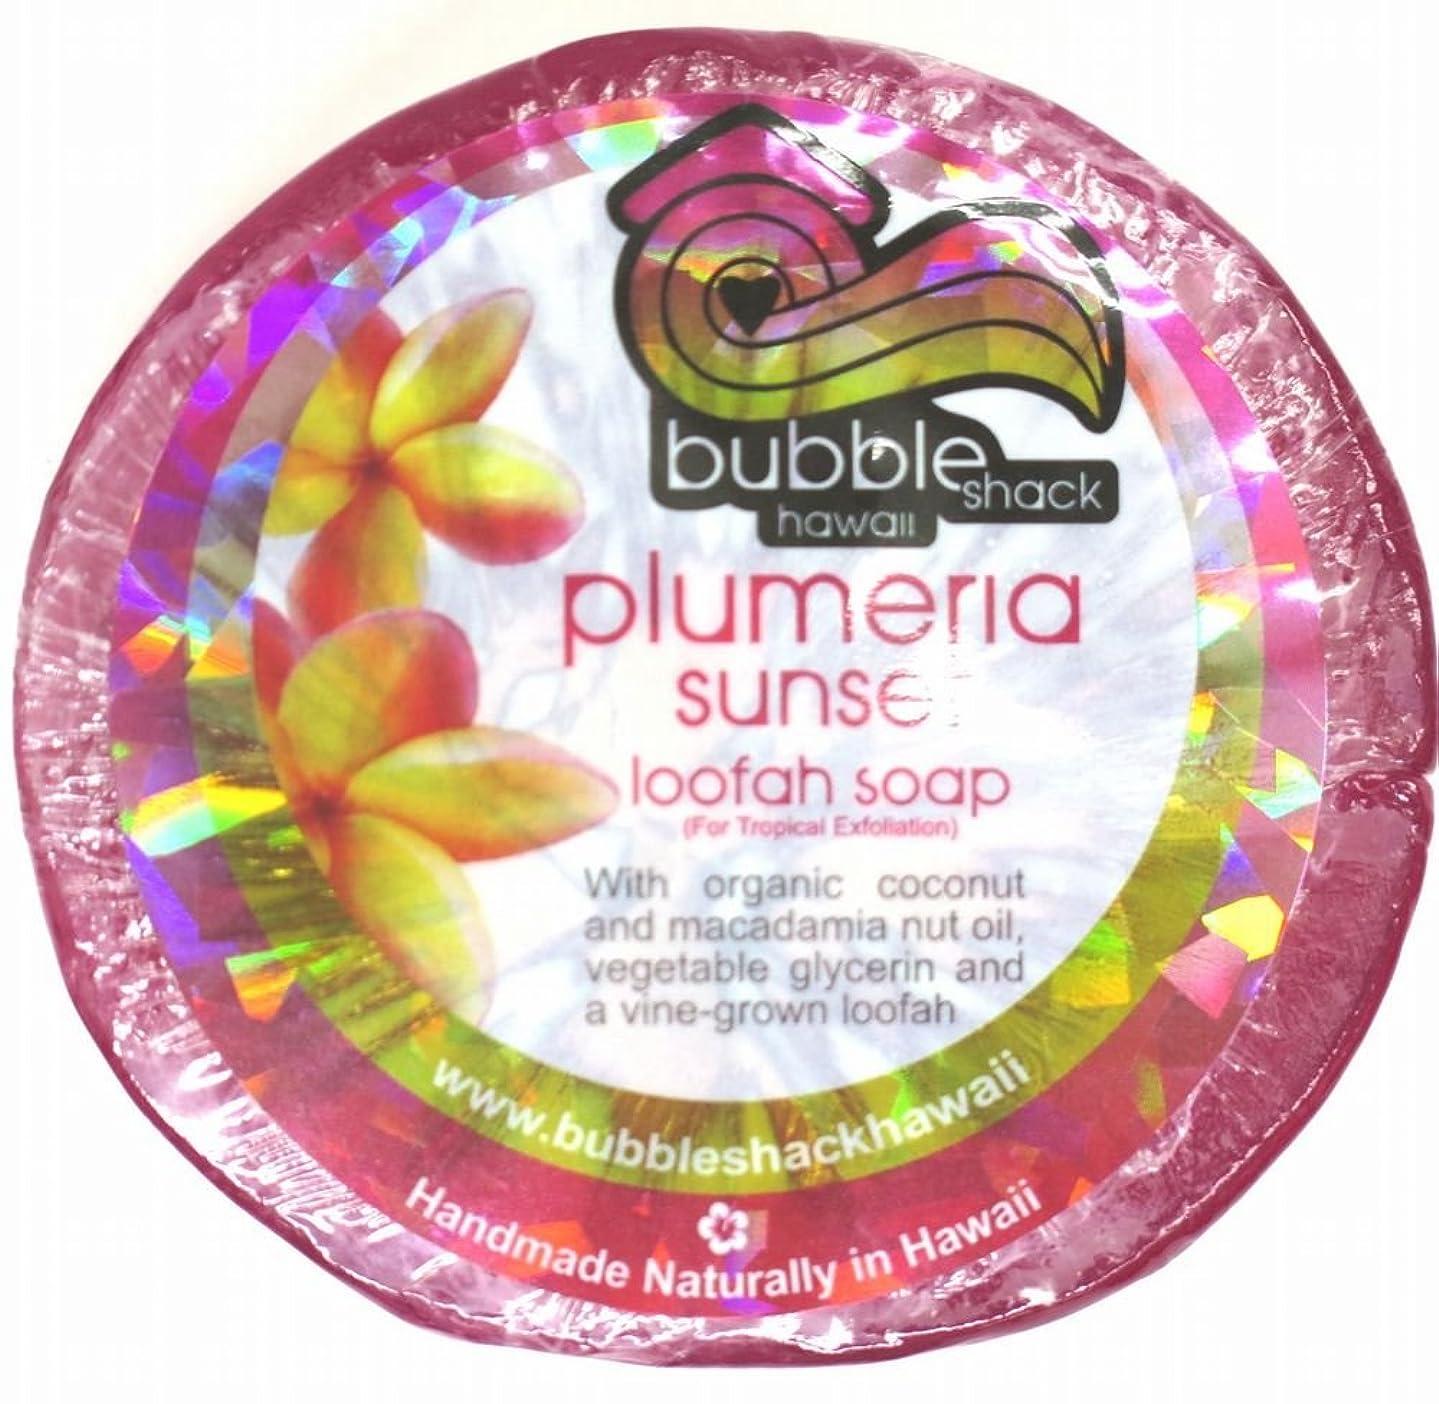 知り合いになるマイナーヘルパーハワイアン雑貨/ハワイ 雑貨【バブルシャック】Bubble Shack Hawaii ルーファーソープ(プルメリア) 【お土産】